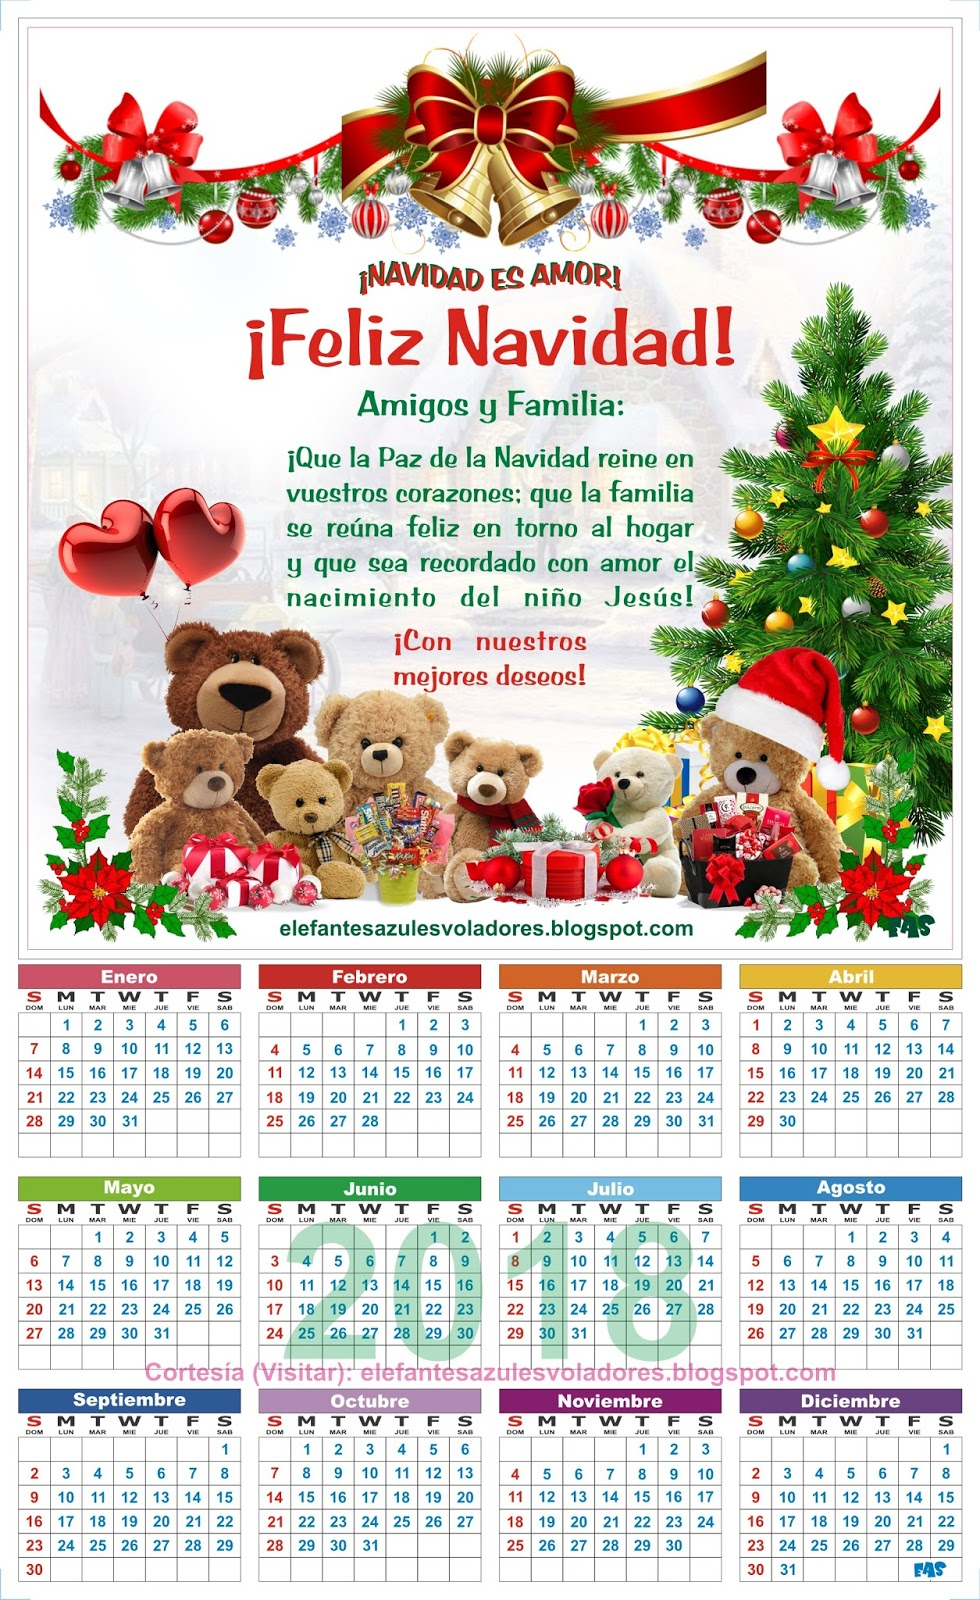 navidad 2018 calendario Elefantes Azules Voladores: CALENDARIO 2018 PARA IMPRIMIR, VECTOR  navidad 2018 calendario